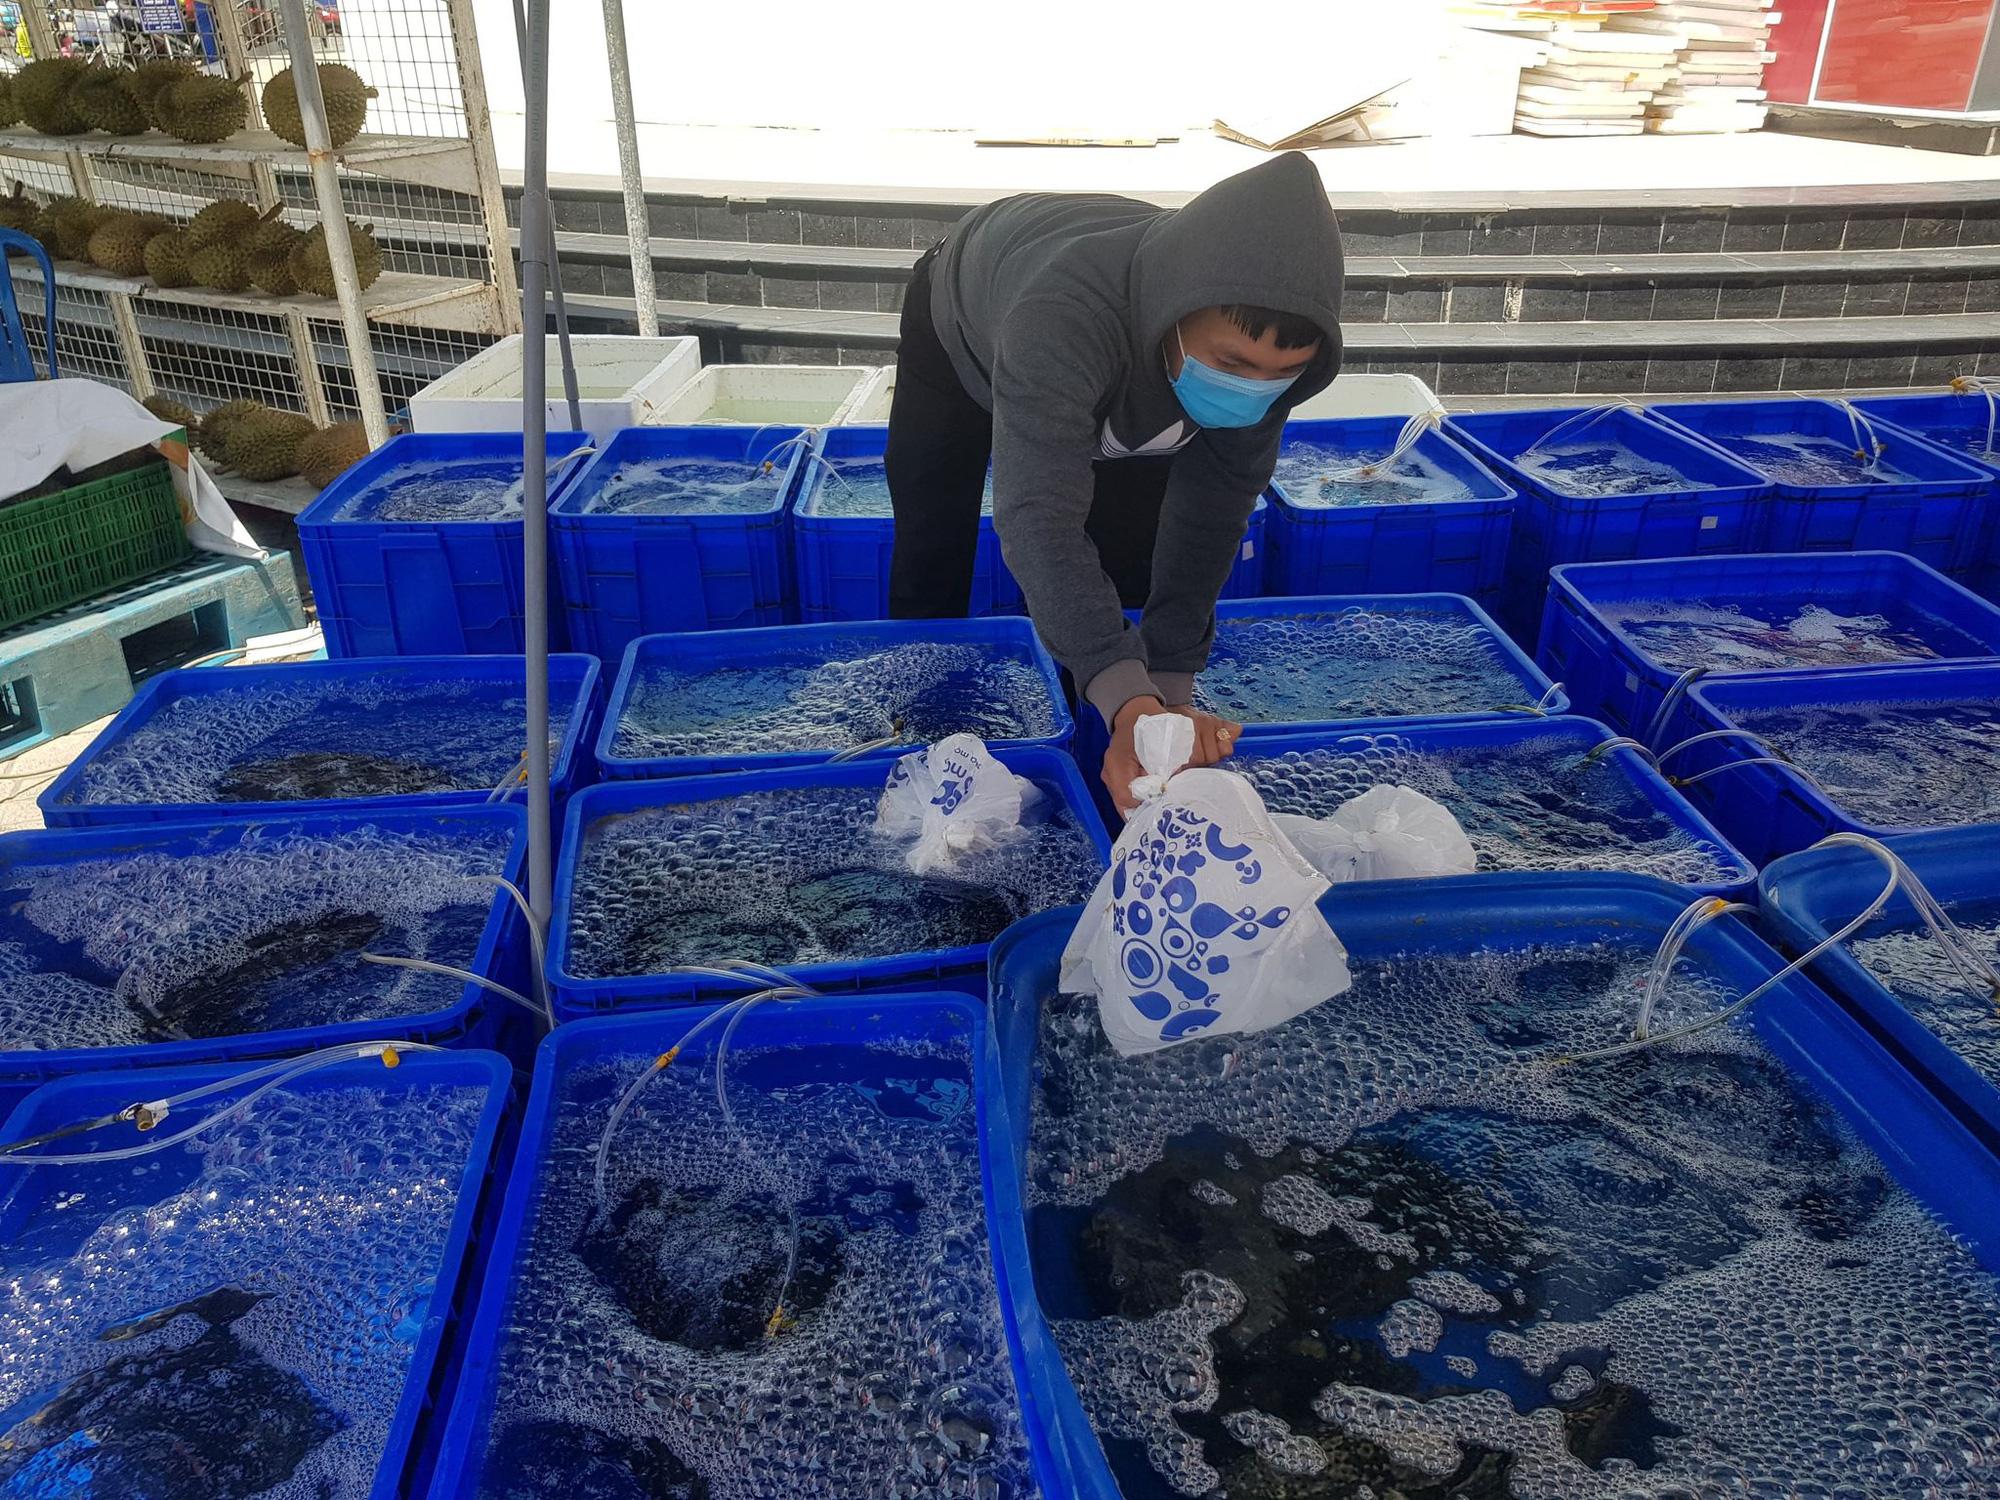 Cả ngàn tấn cá mú bí đầu ra, giá giảm một nửa vẫn khó giải cứu - Ảnh 2.